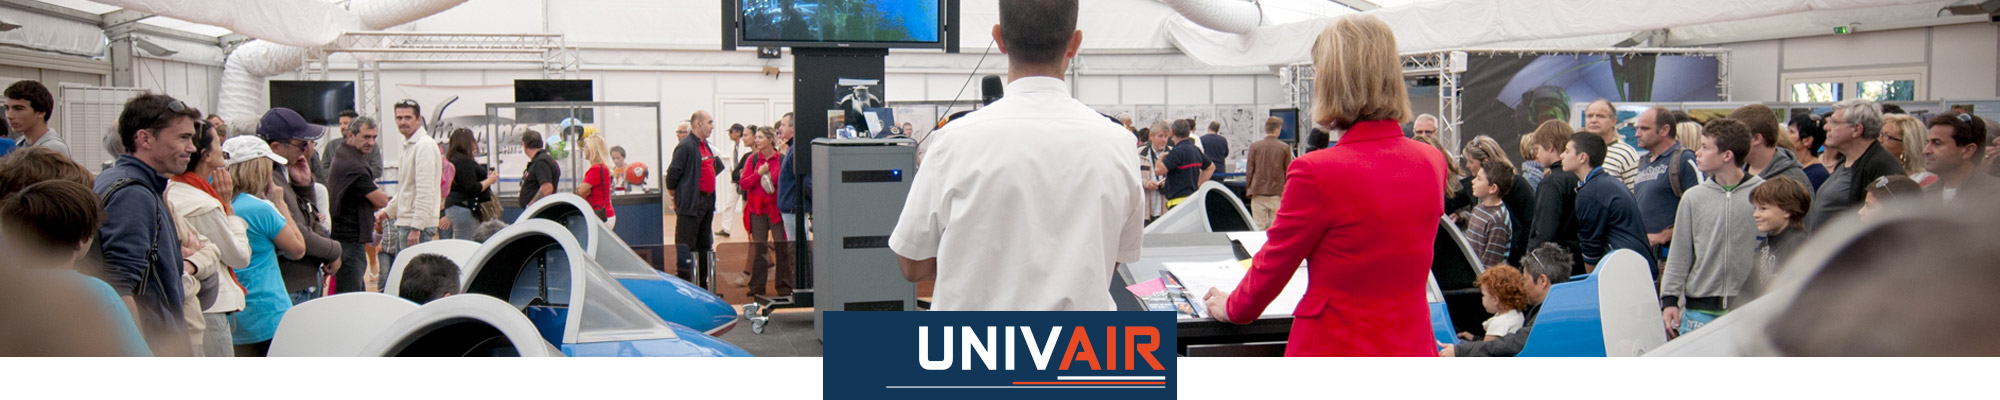 Univ'air évènement autour de l'aéronautique